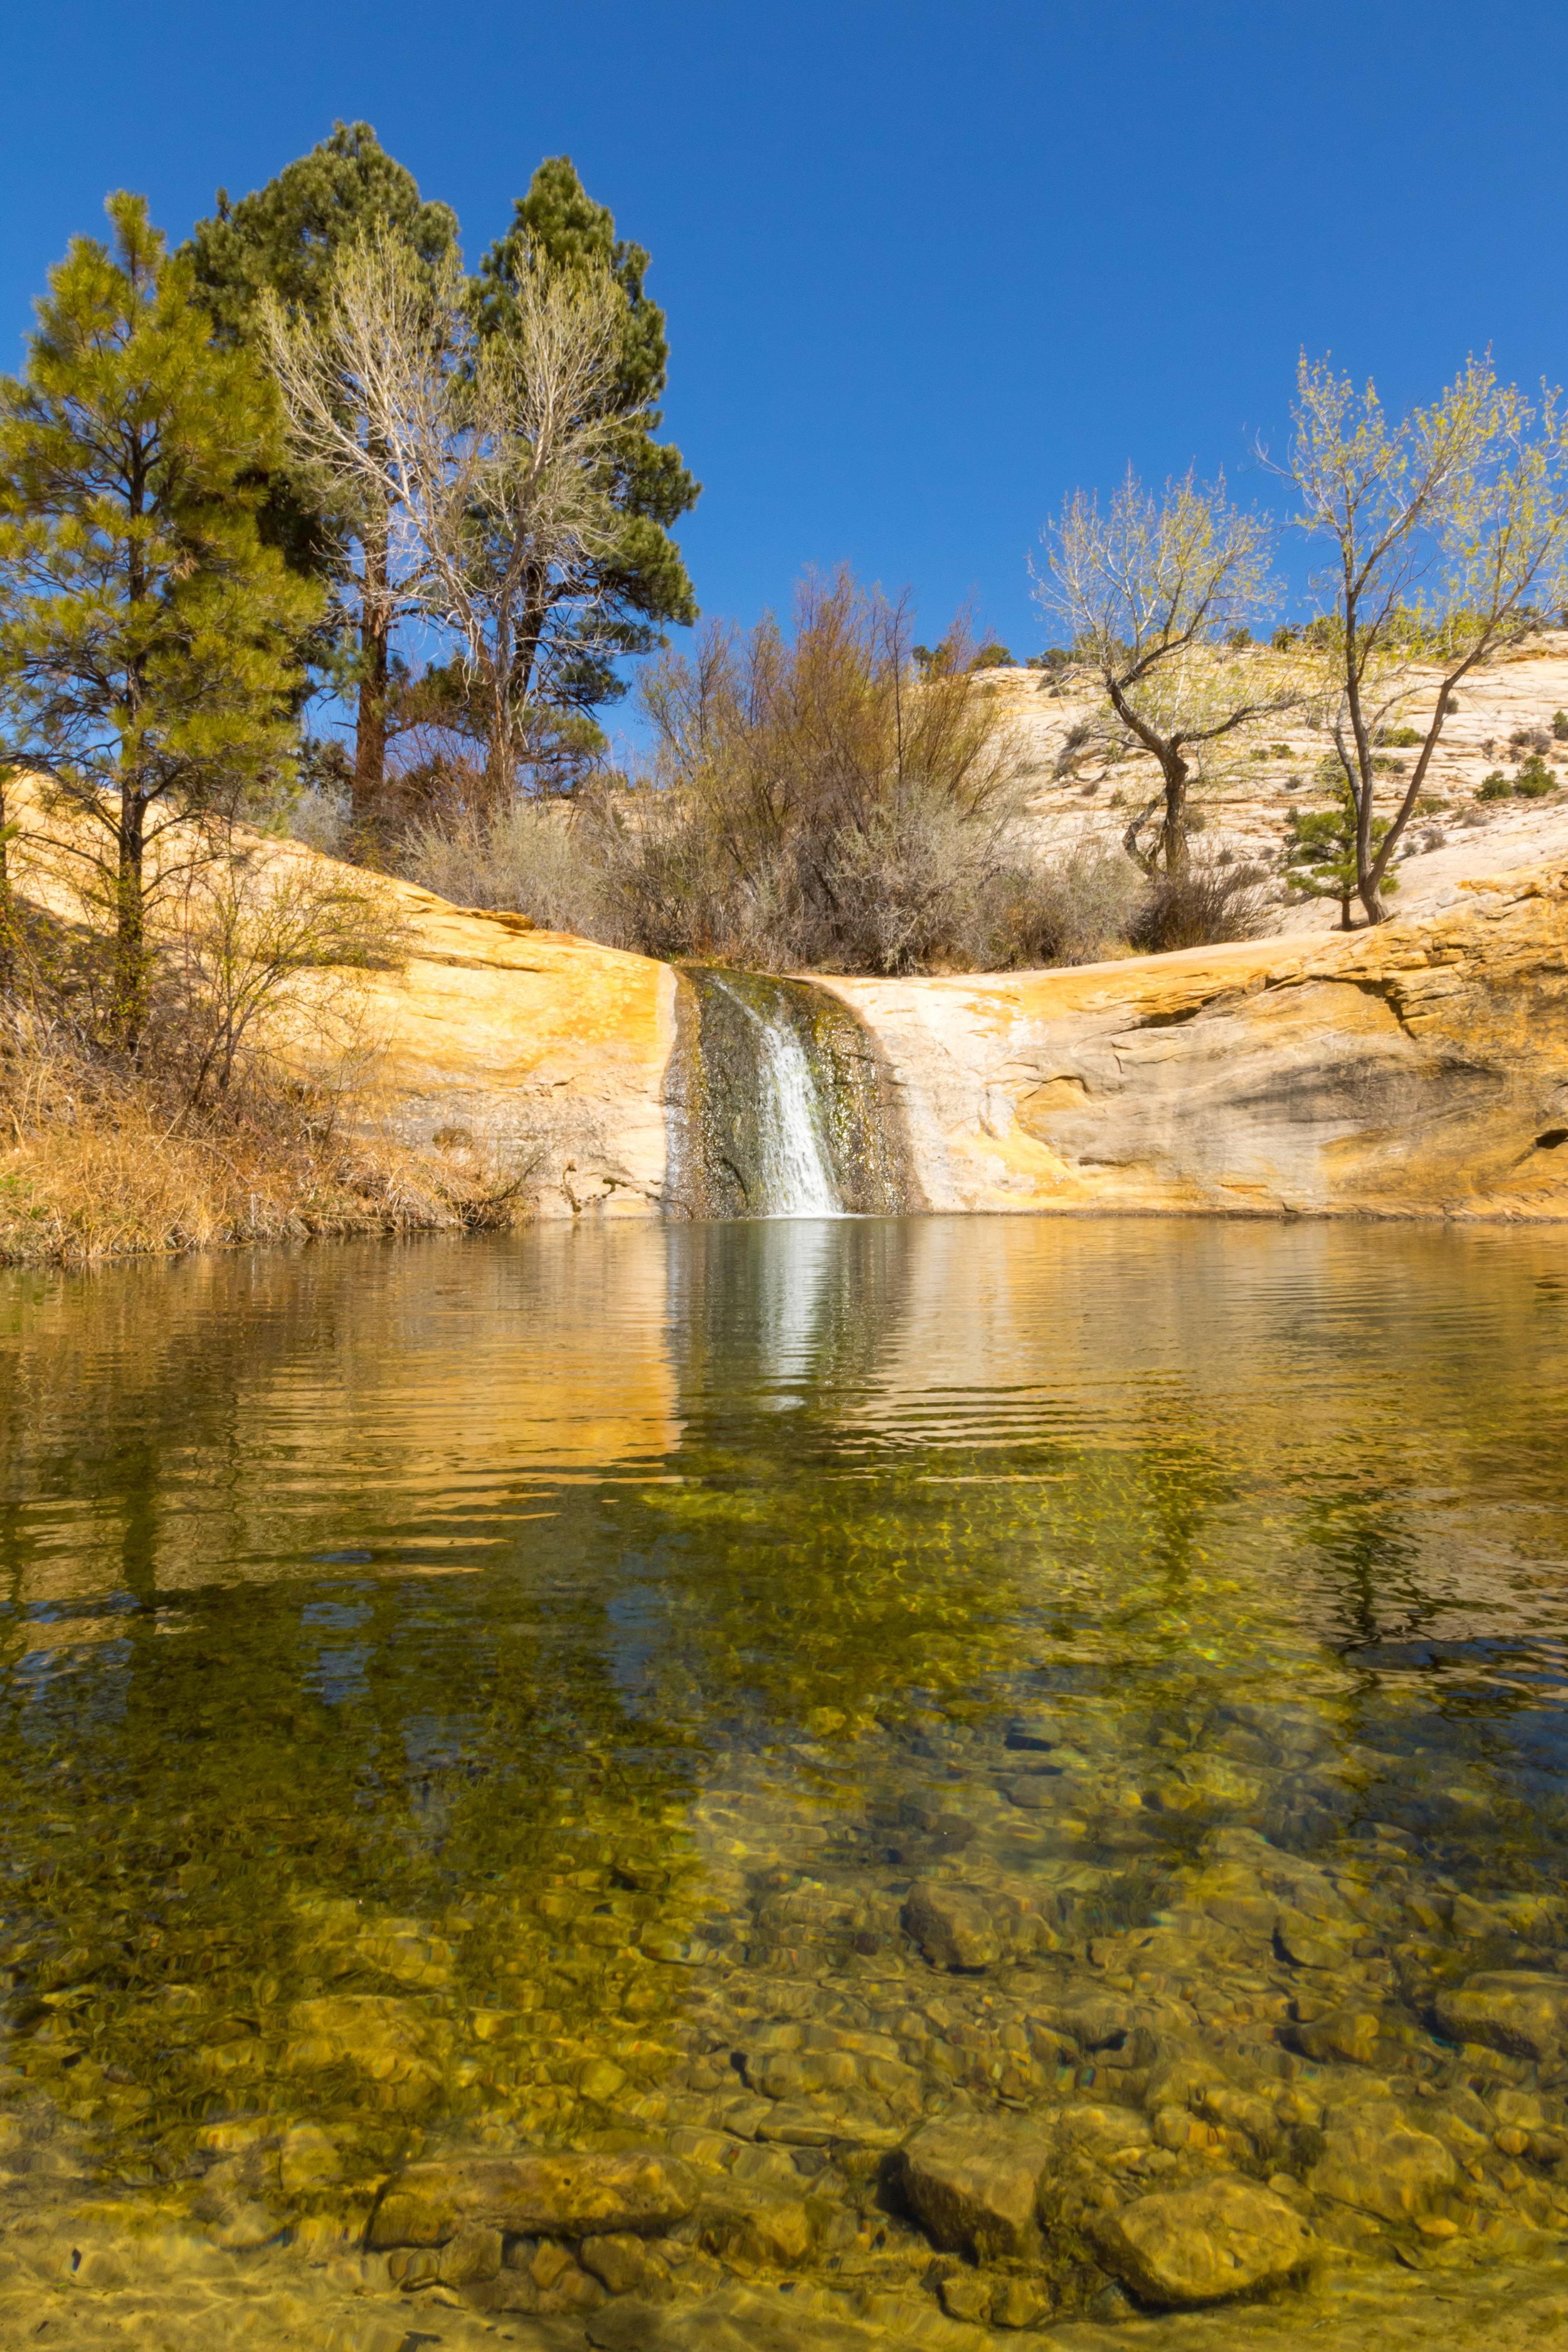 Upper Calf Creek Falls, Image # 2642